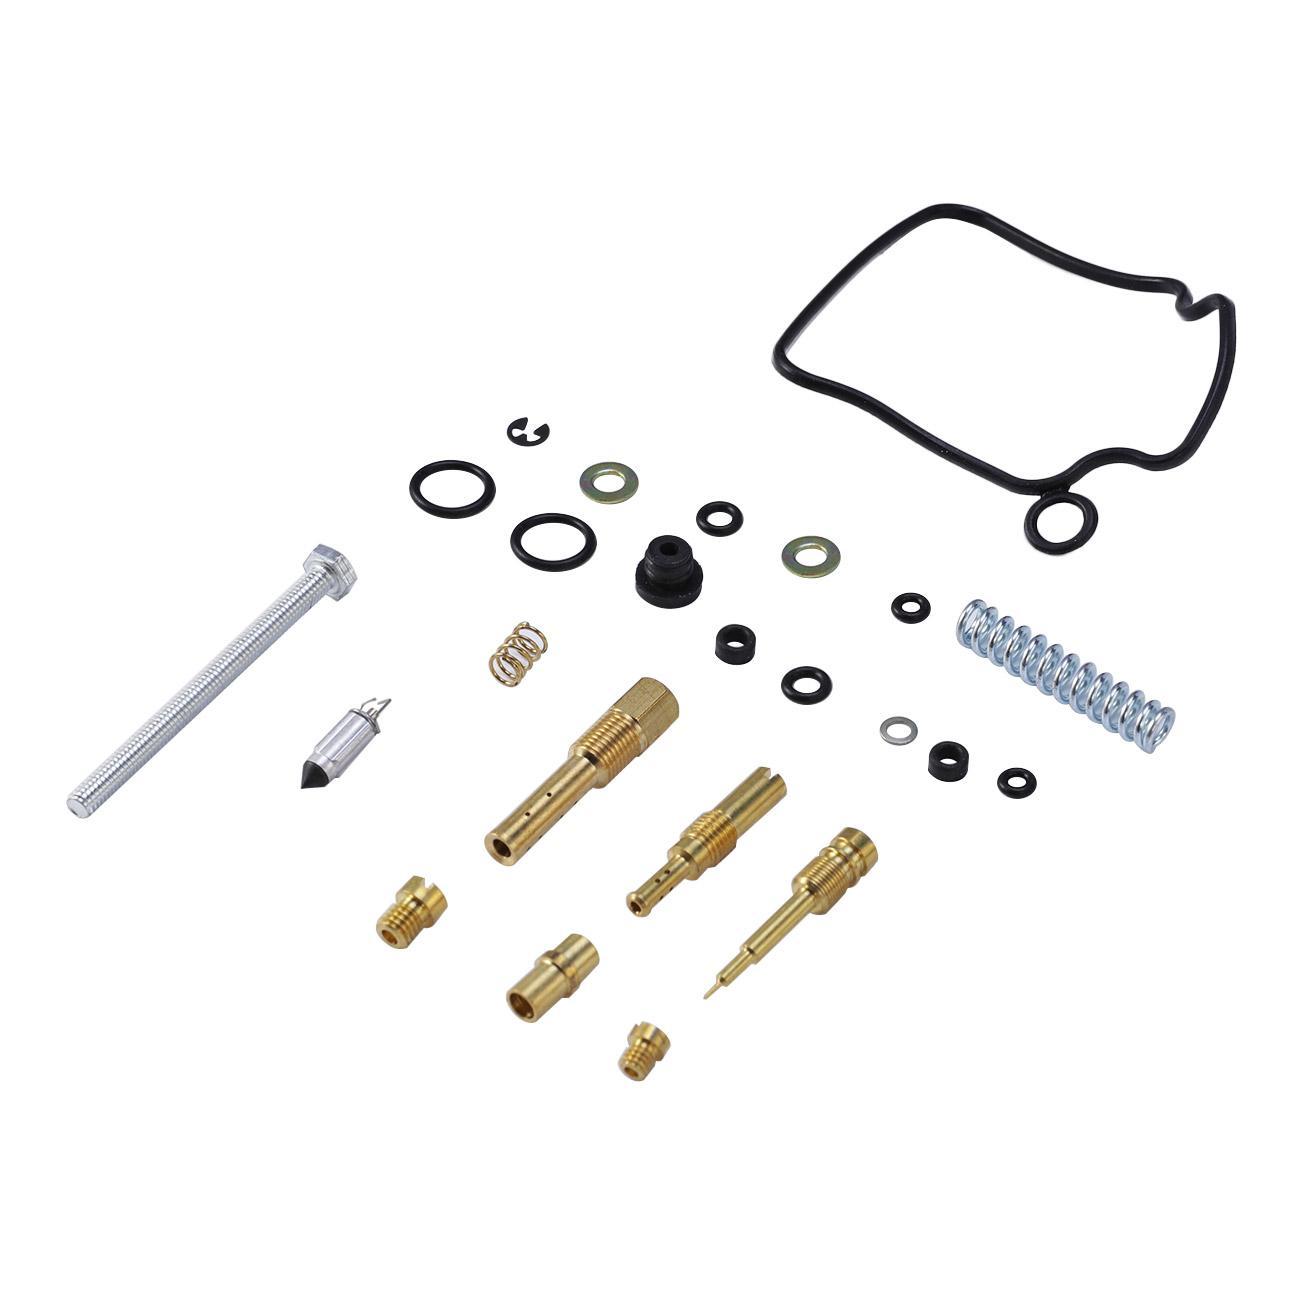 Carburetor Carb Rebuild Kit Repair for Honda TRX400EX